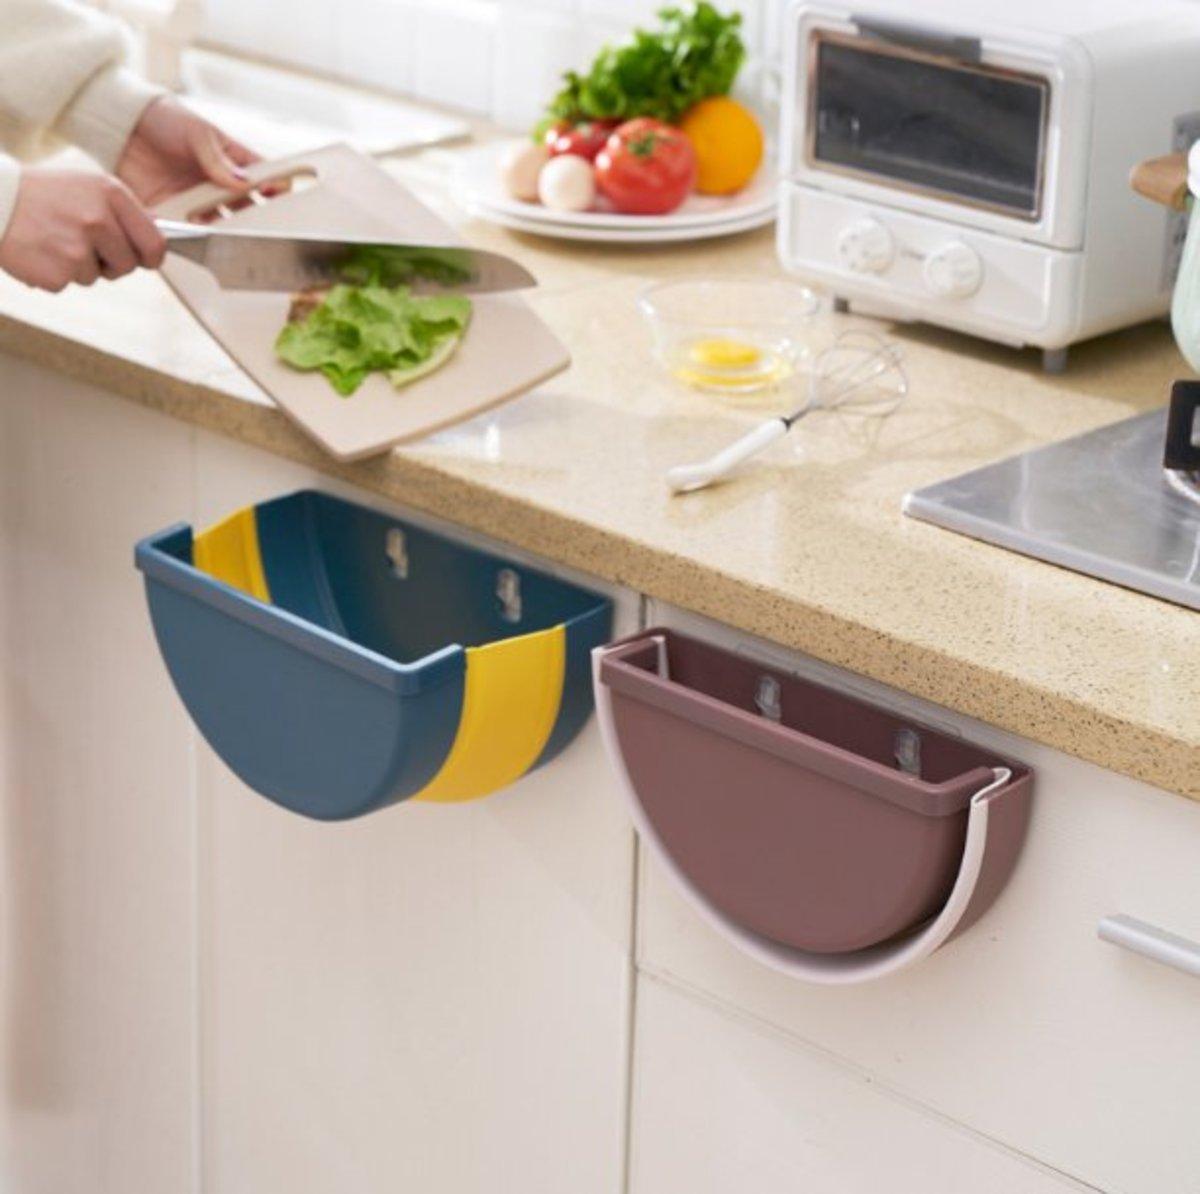 廚房摺疊垃圾桶 多功能可掛可貼牆 (藍色/啡色)